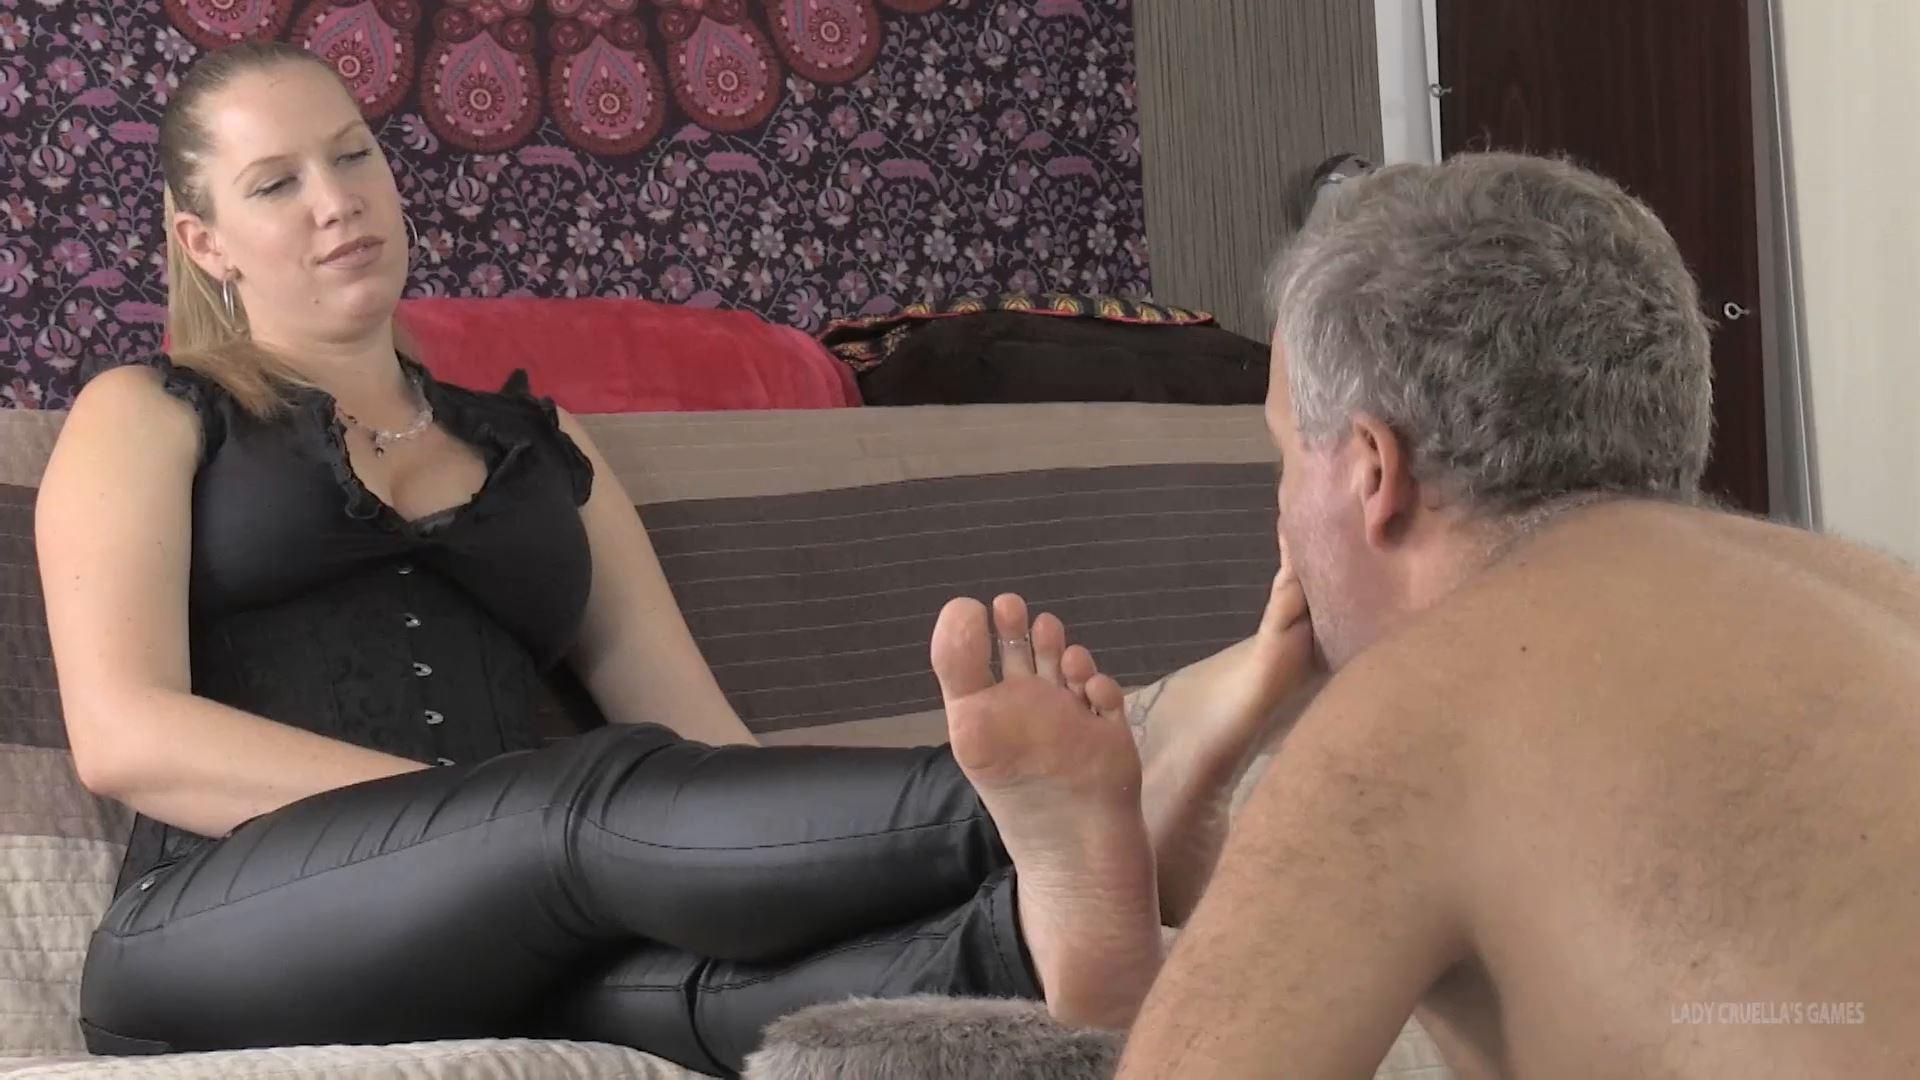 Lady Cruella In Scene: UNLUCKY STEPFATHER - LICK MY SOLES DADDY - LADY CRUELLAS GAMES - FULL HD/1080p/MP4